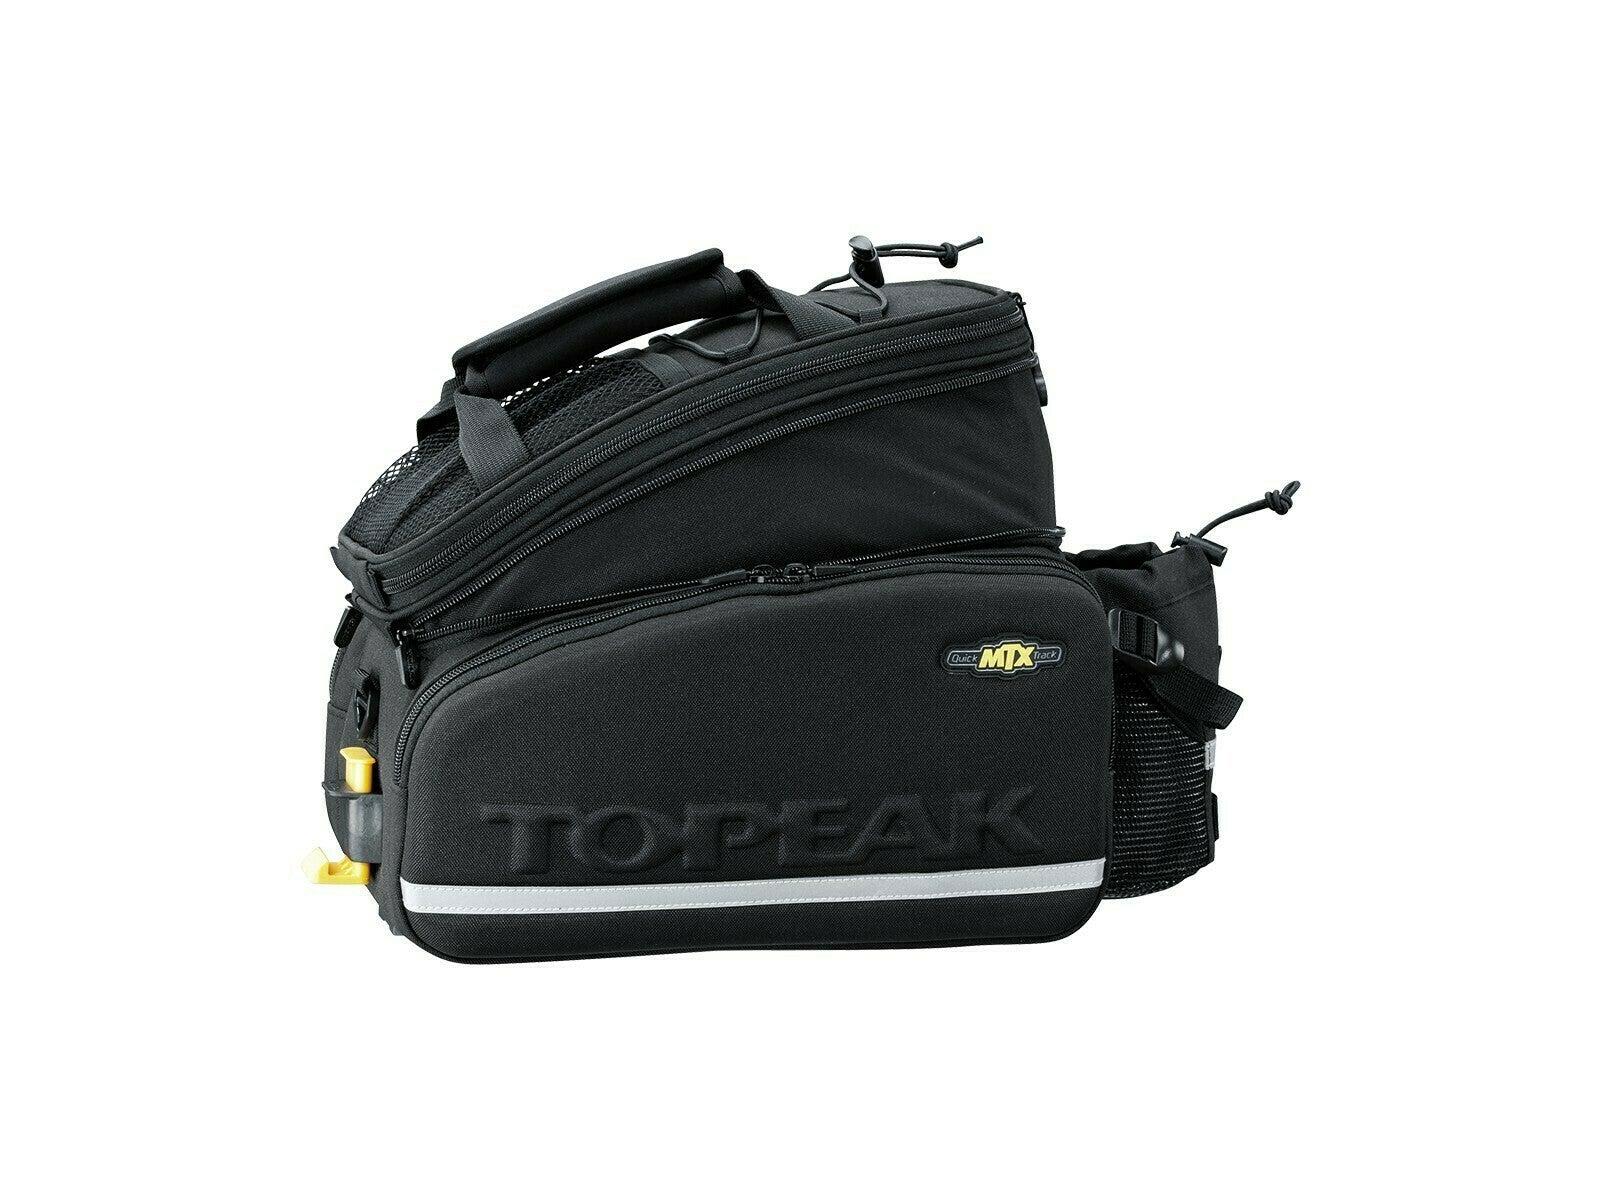 TOPEAK MTX TRUNK BAG DX W/BOTTLE HOLDER